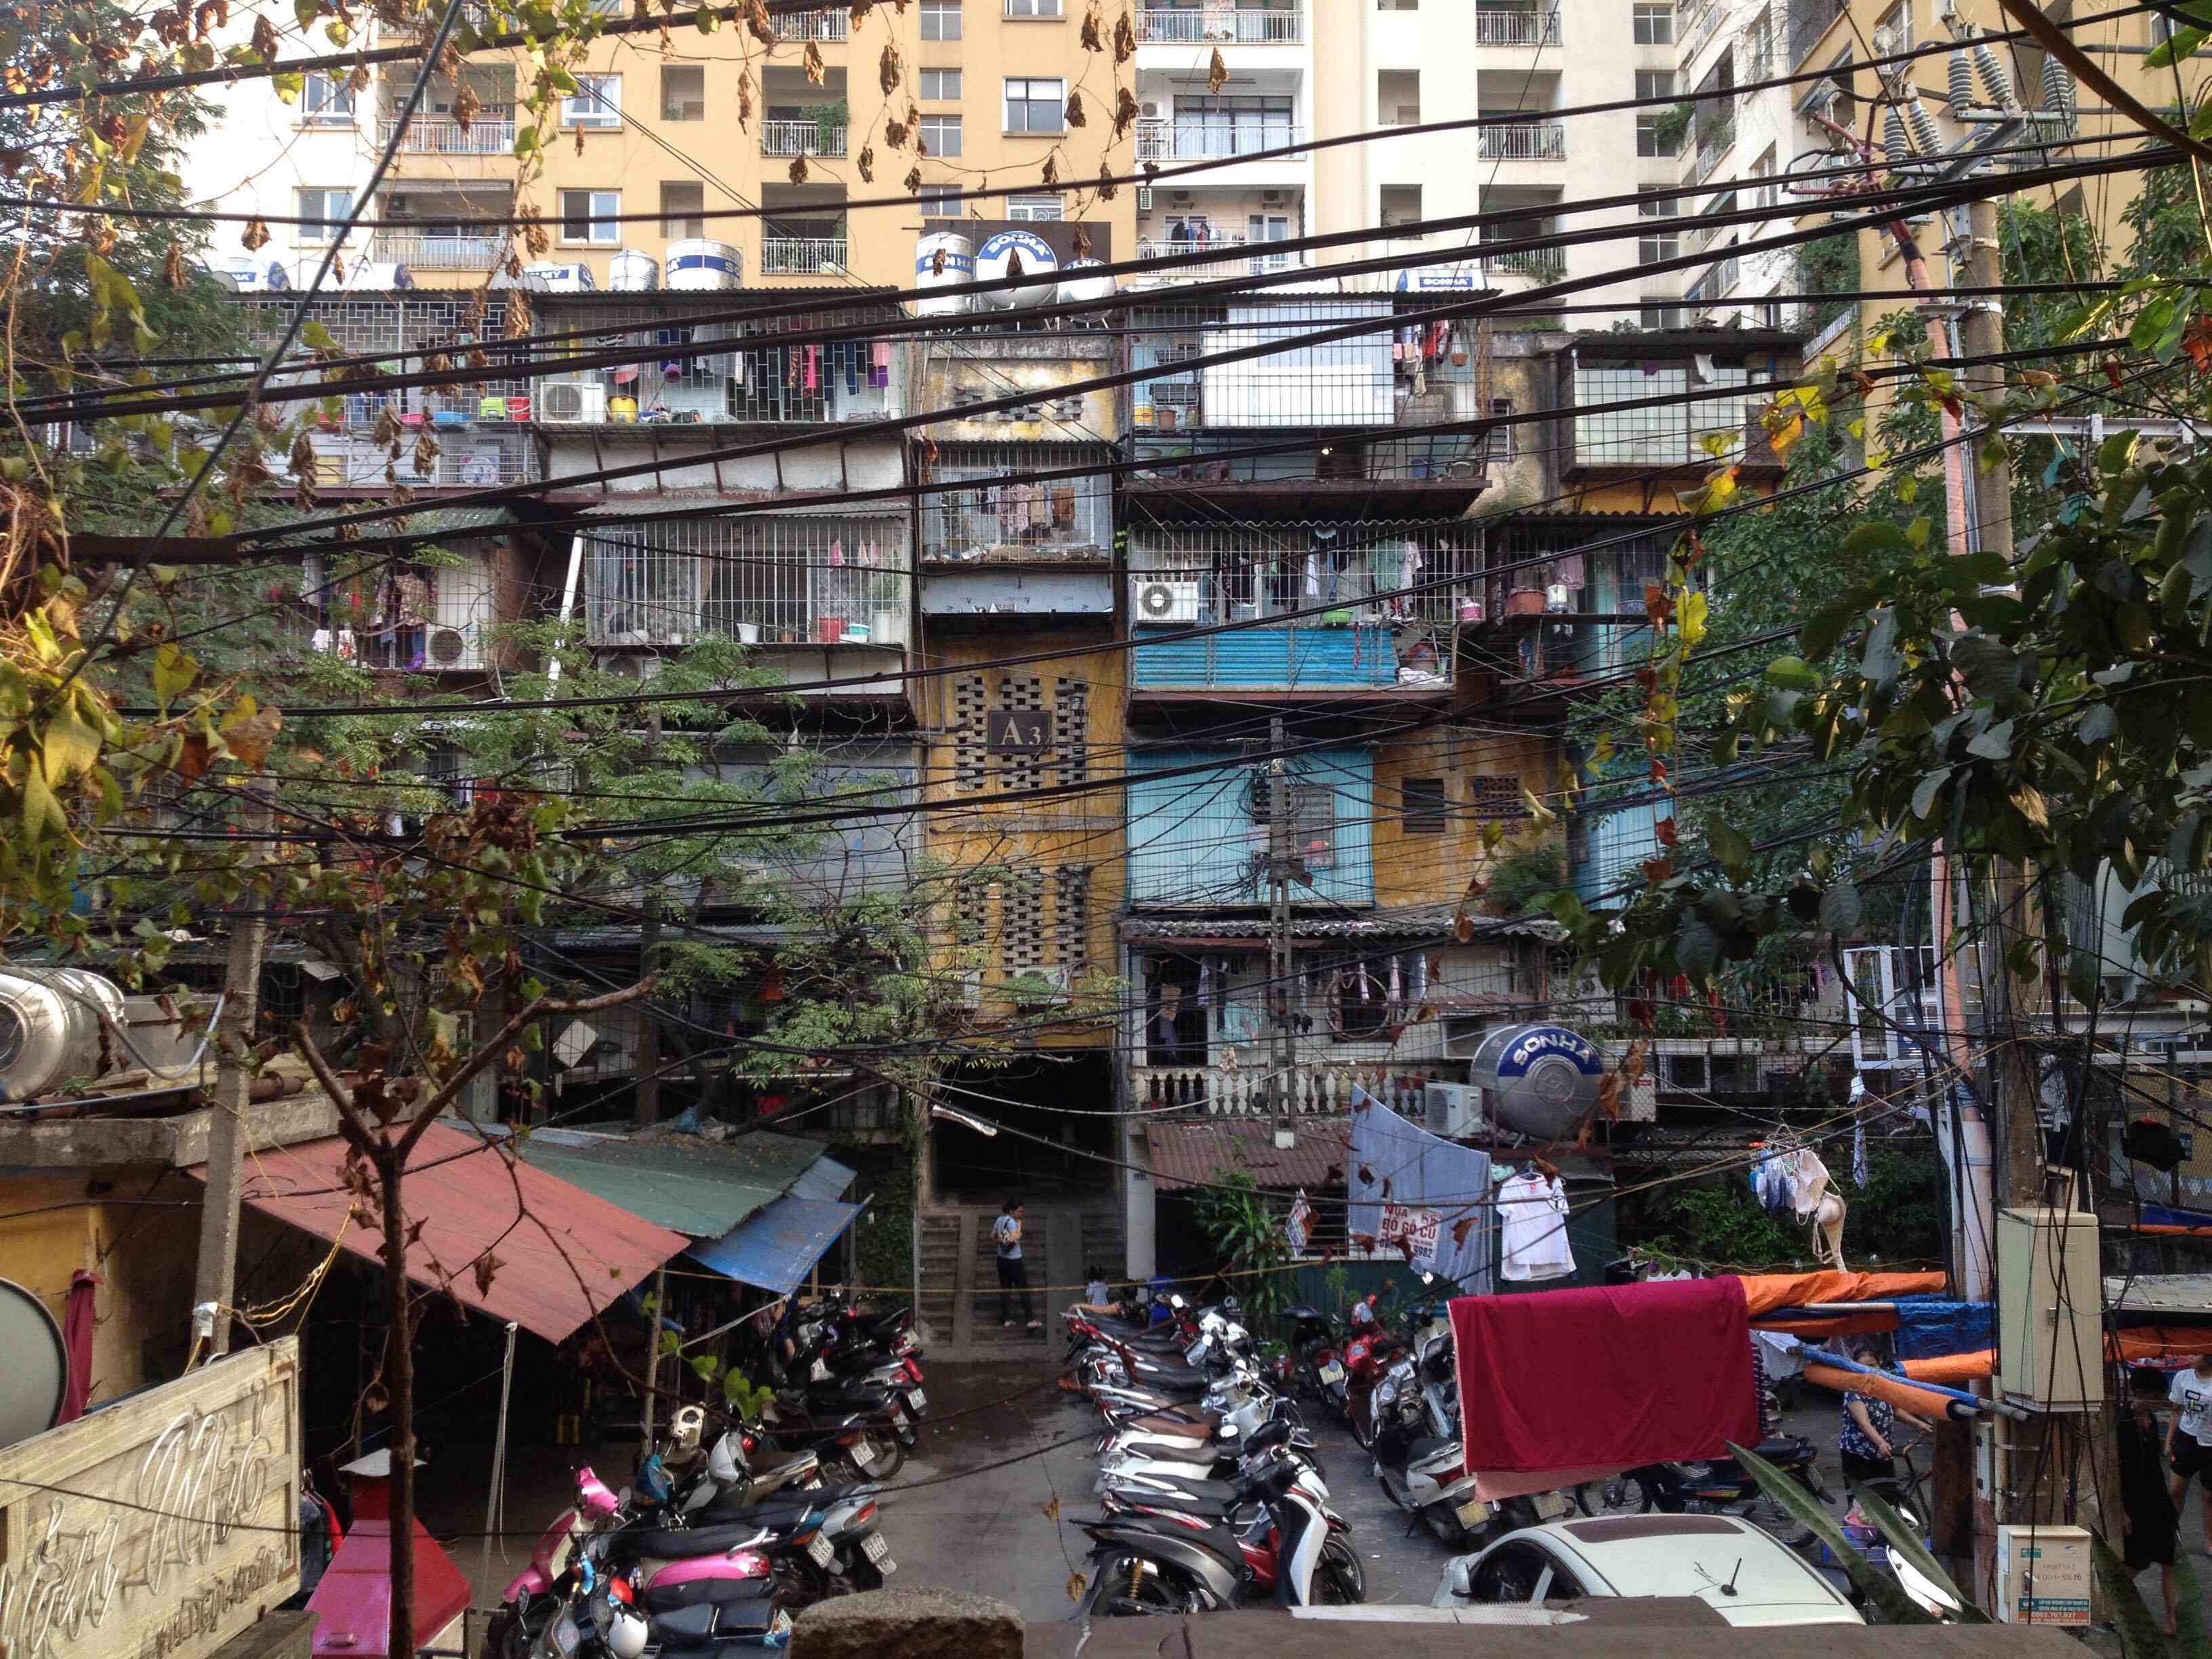 Các khu chung cư cũ Hà Nội đang xuống cấp trầm trọng